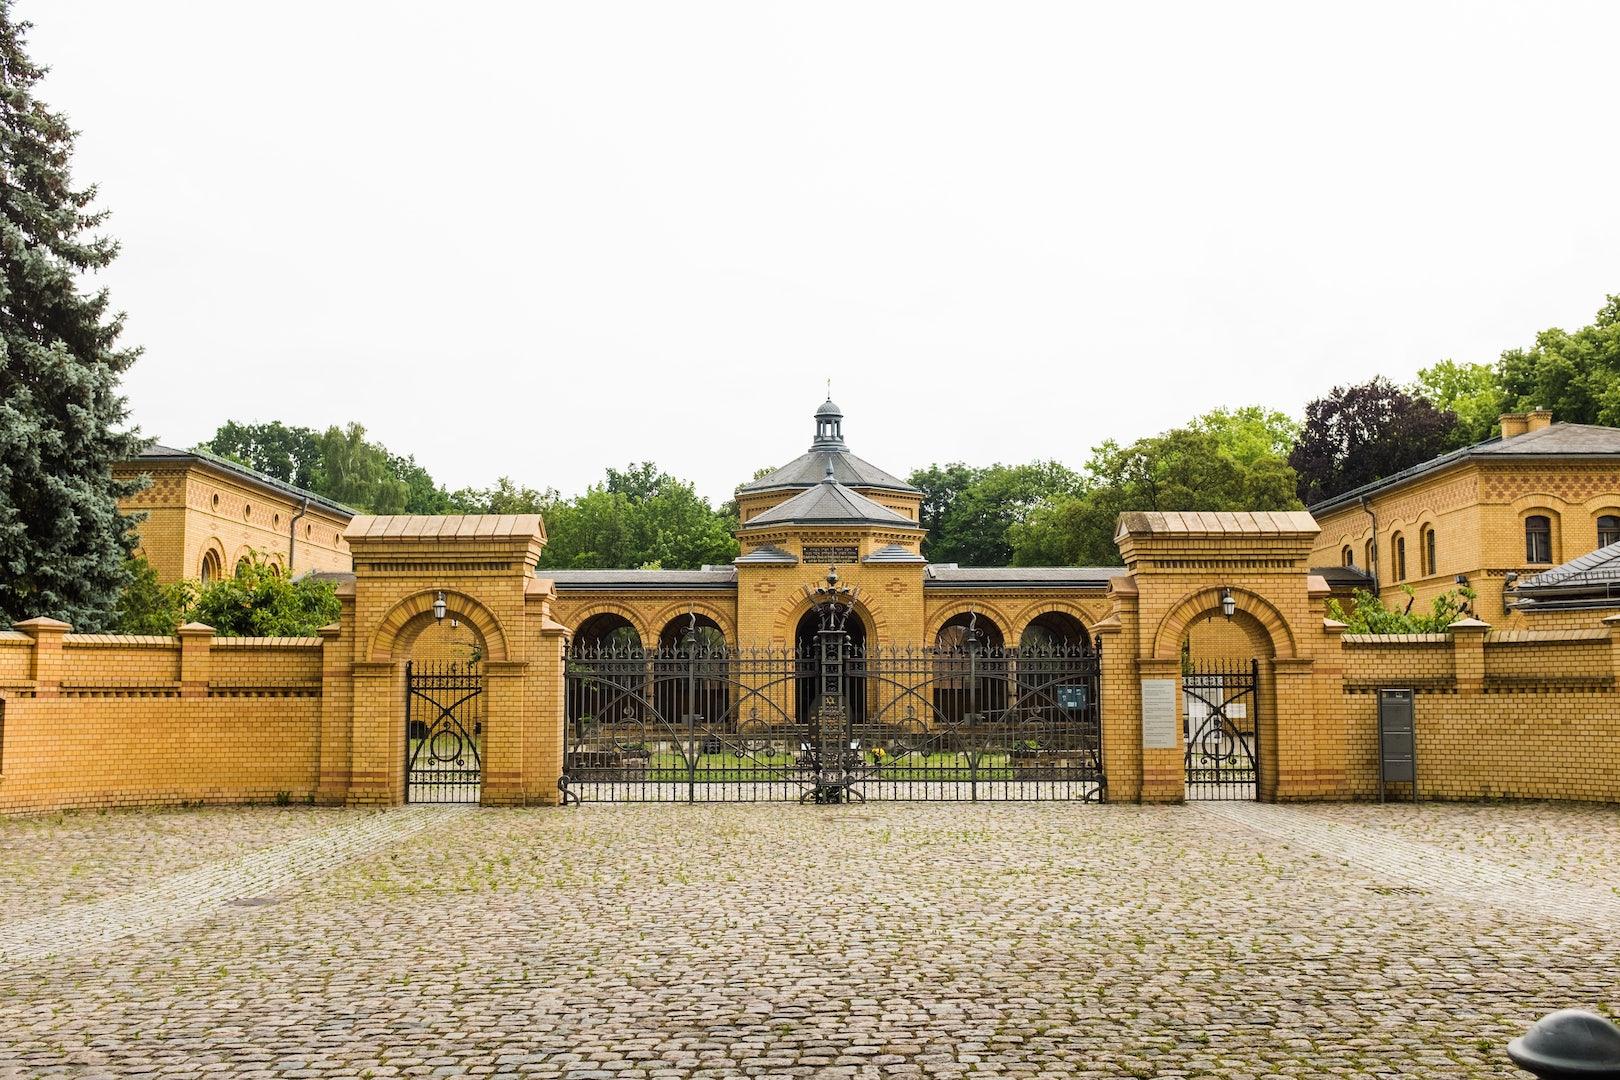 Berlin - Weissensee Jewish Cemetery